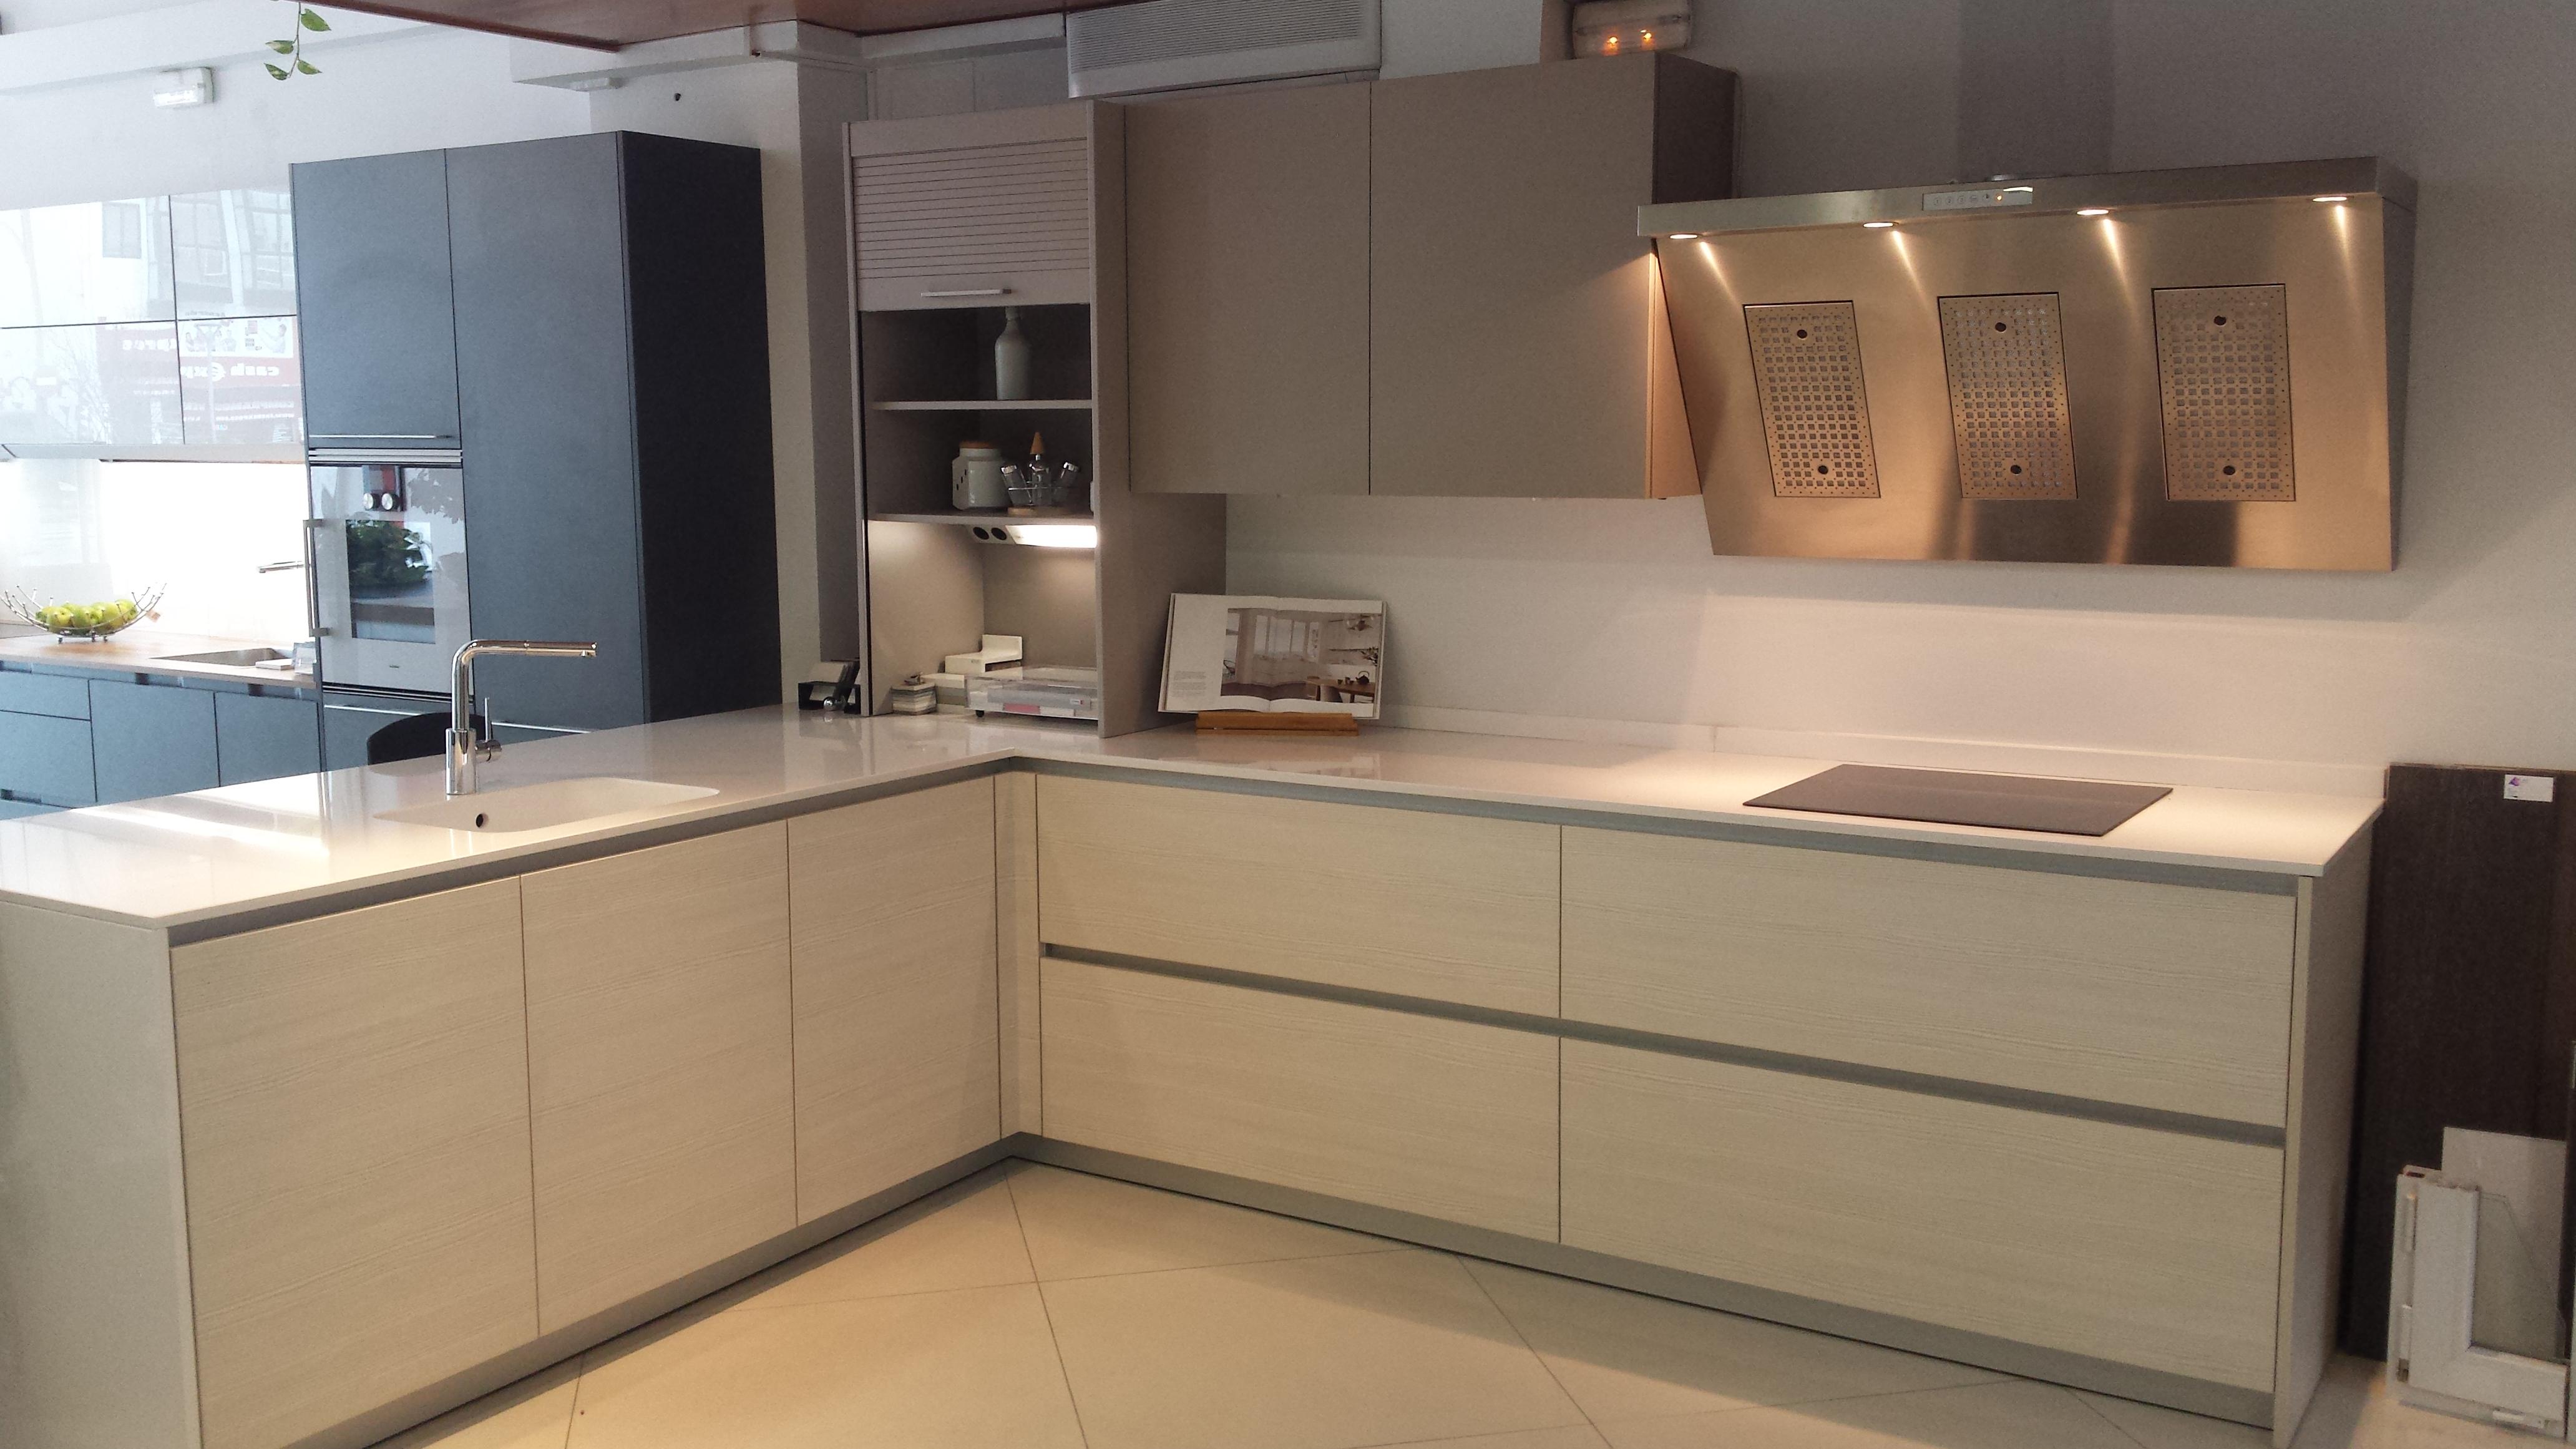 COCINA EXPOSICION LINE - Santos muebles de cocina